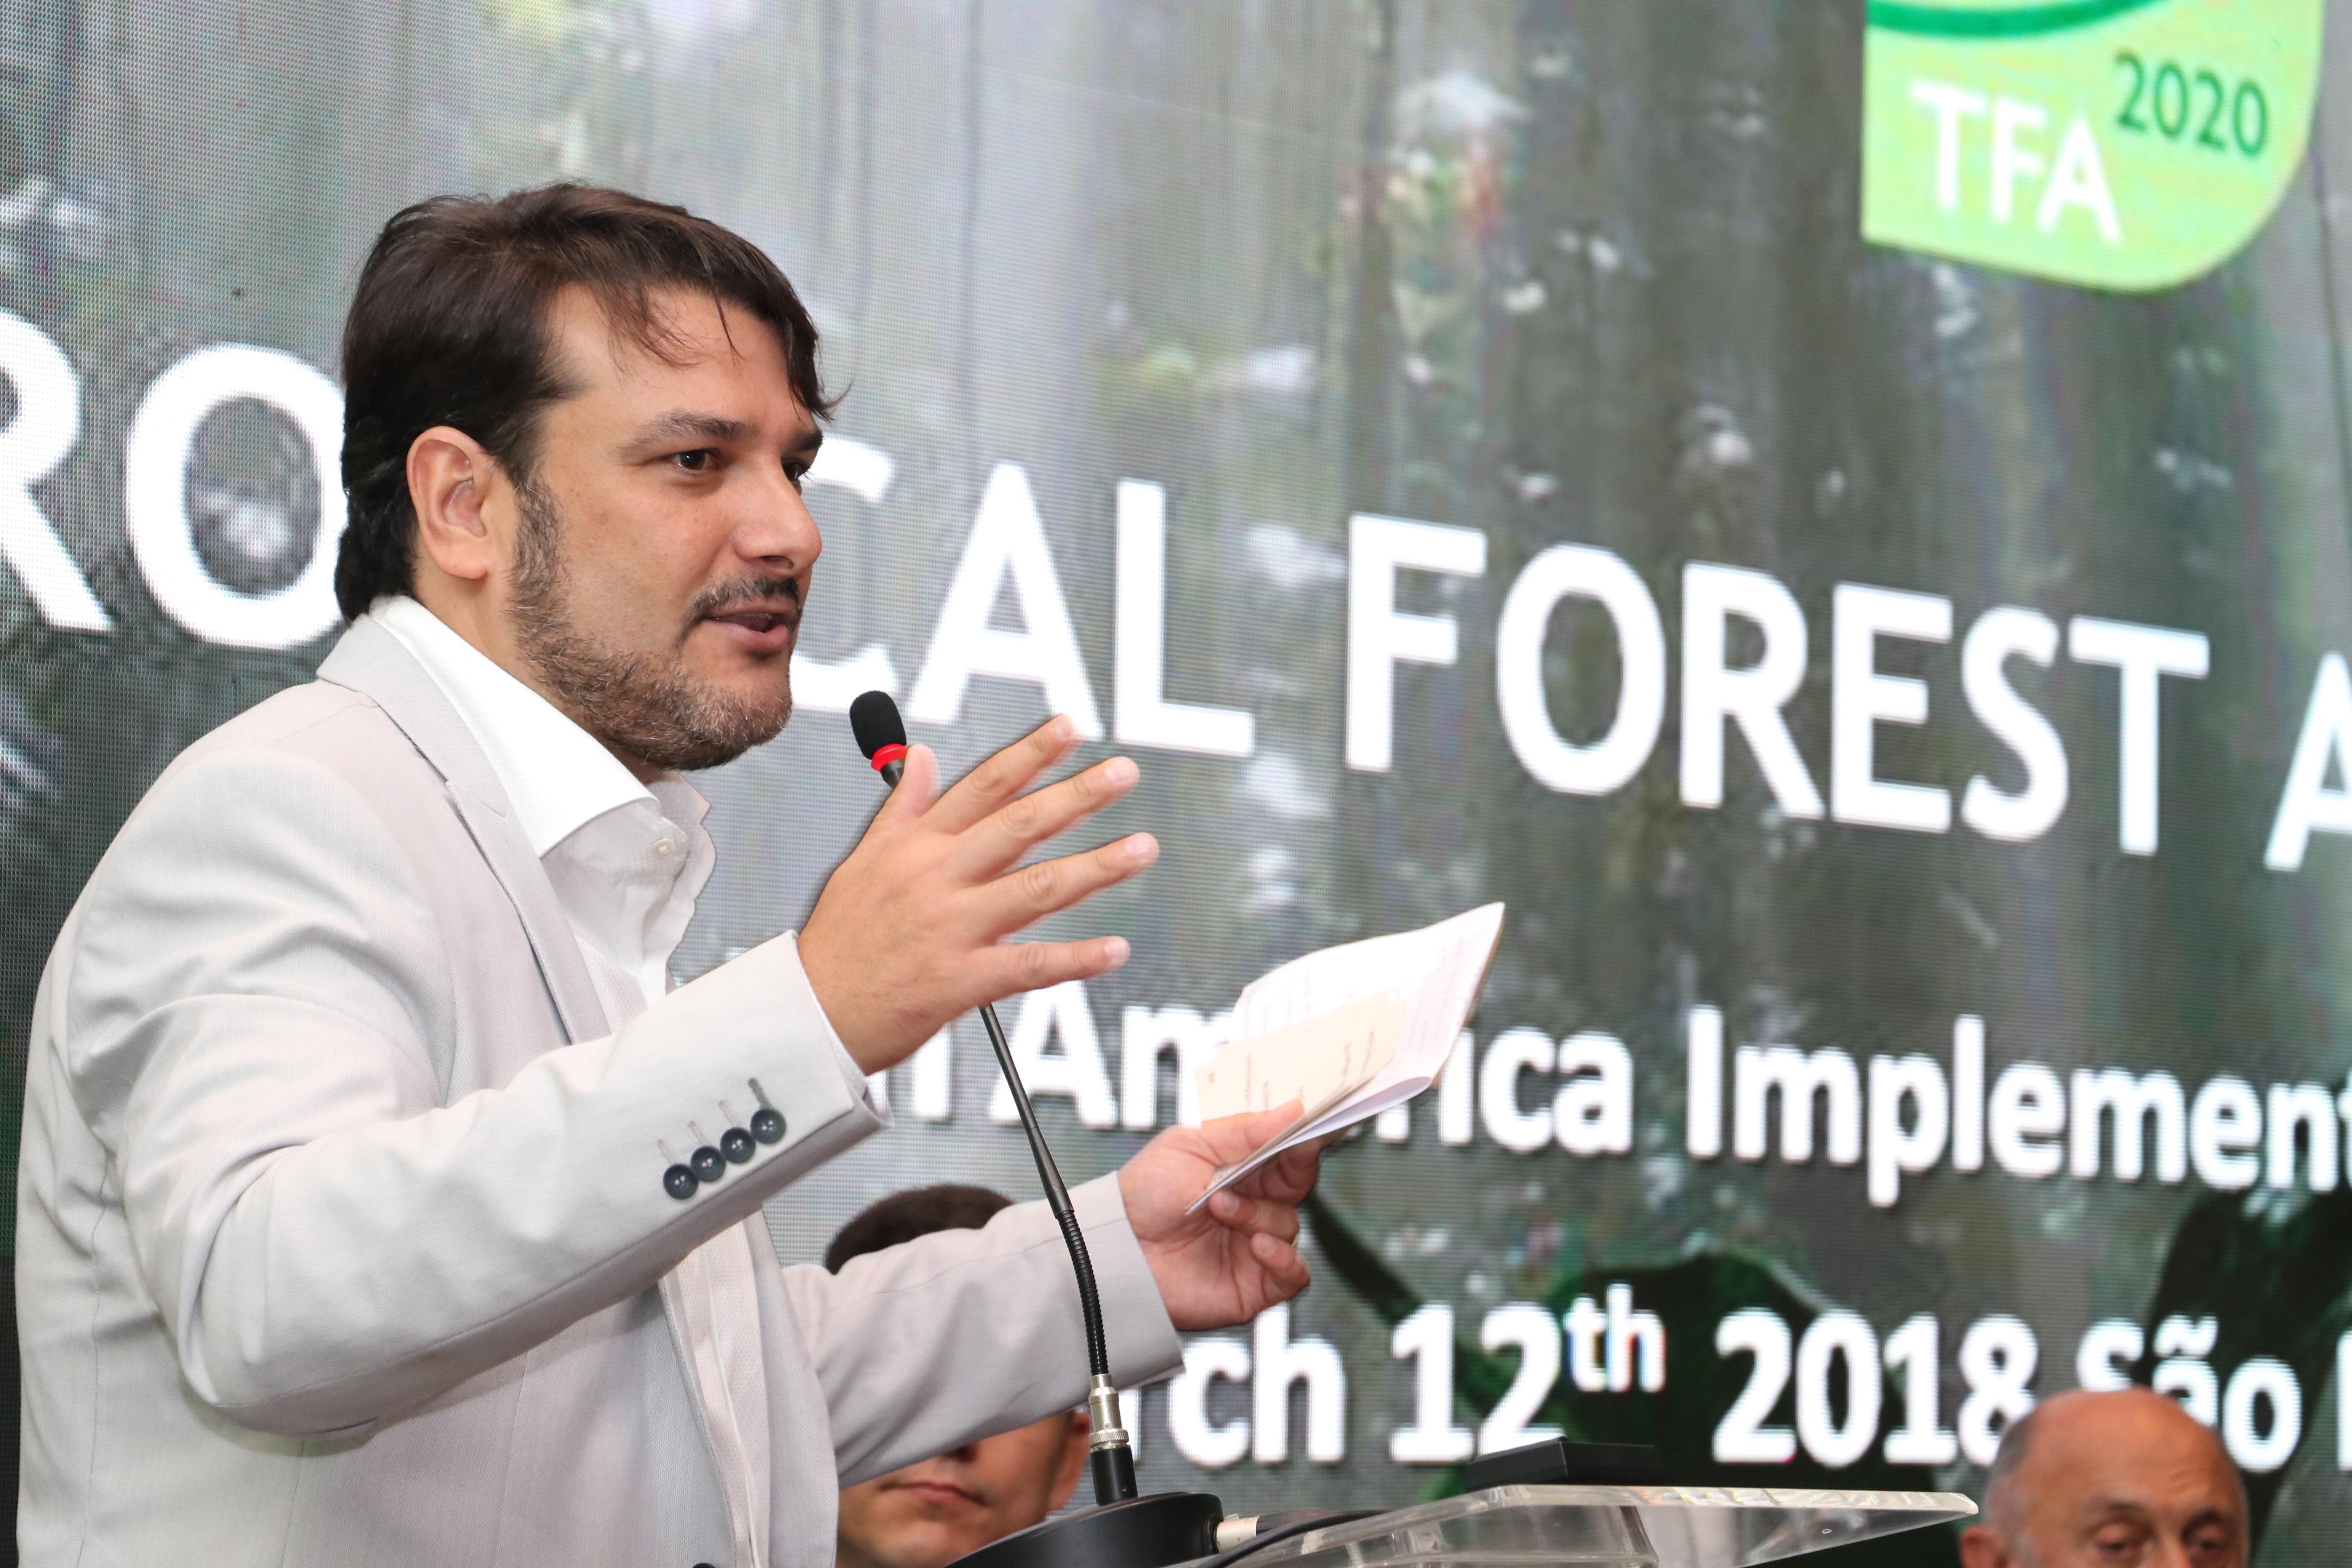 Ações de proteção às florestas são apresentadas em evento da TFA 2020